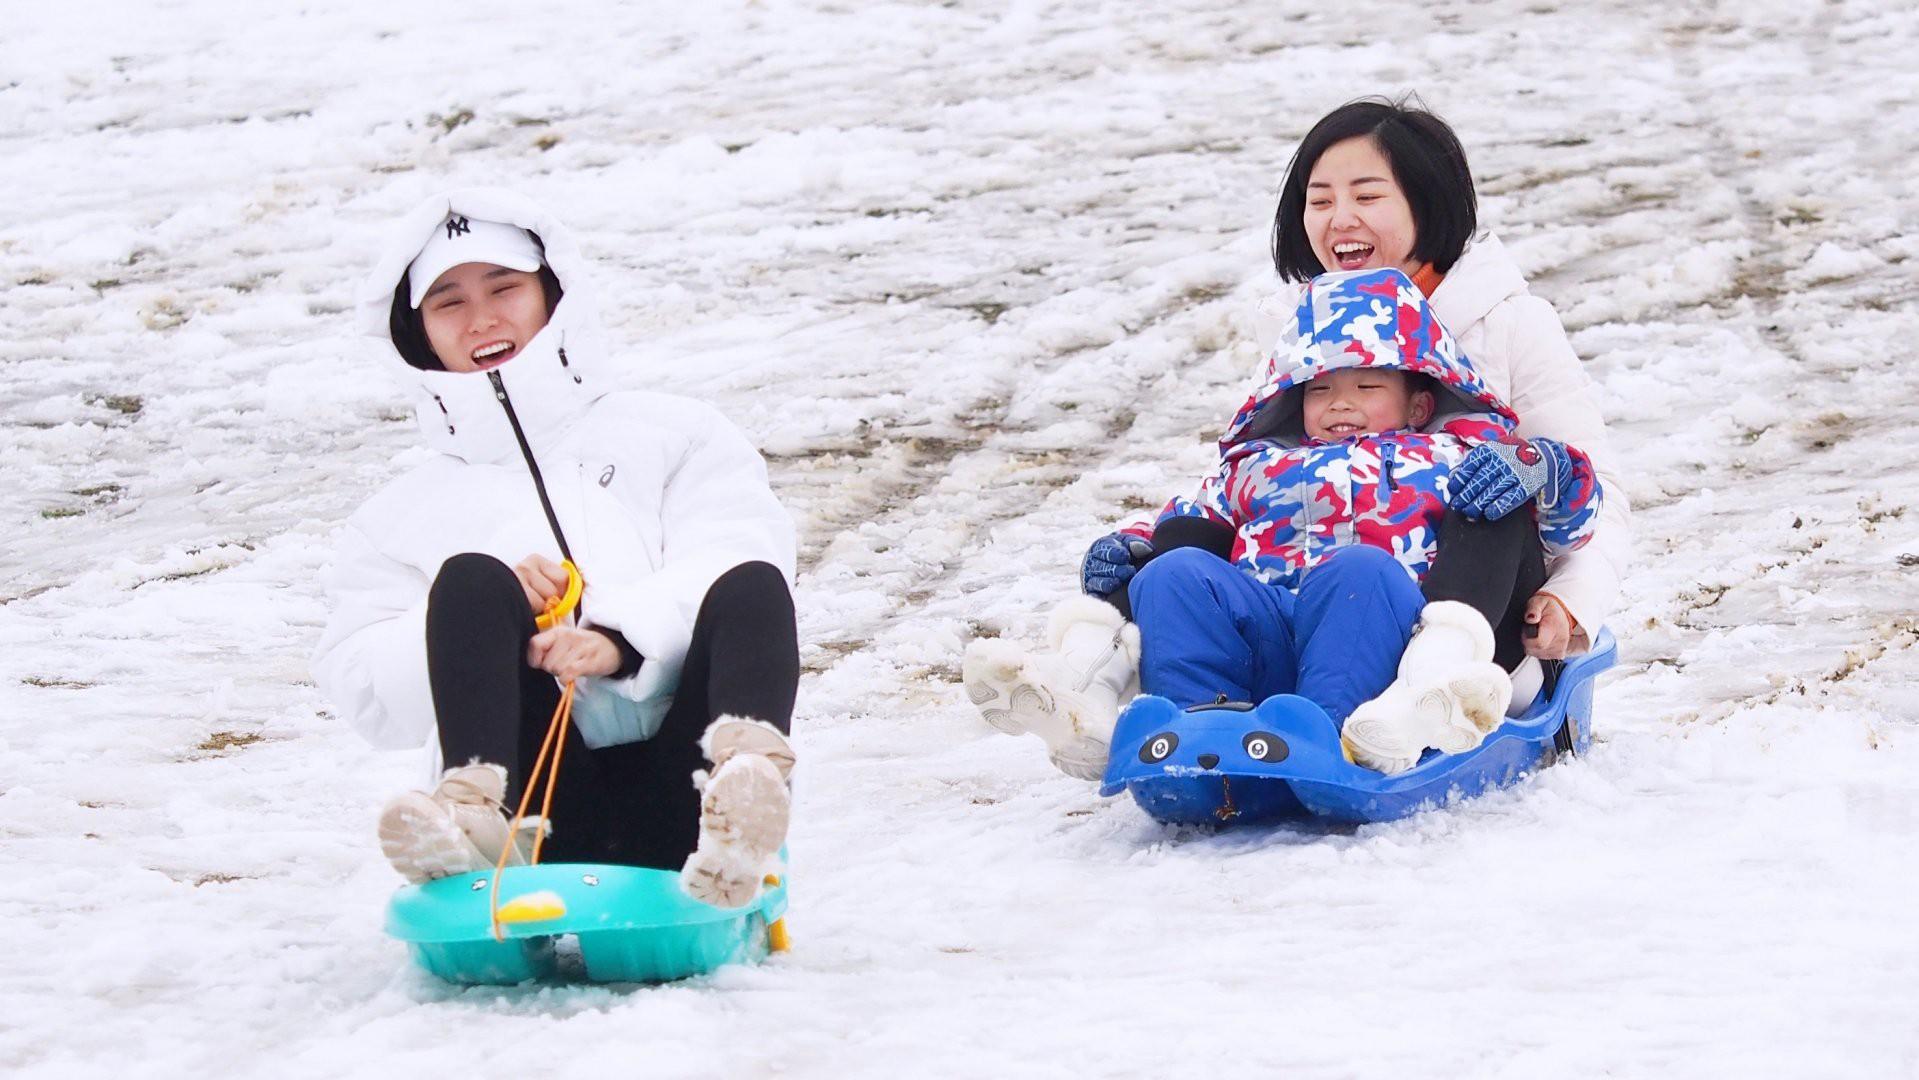 Vẻ đẹp trong trẻo của tuyết mùa xuân ở Trung Quốc khiến nhiều tín đồ du lịch cuồng chân dù đã hết Tết - Ảnh 4.